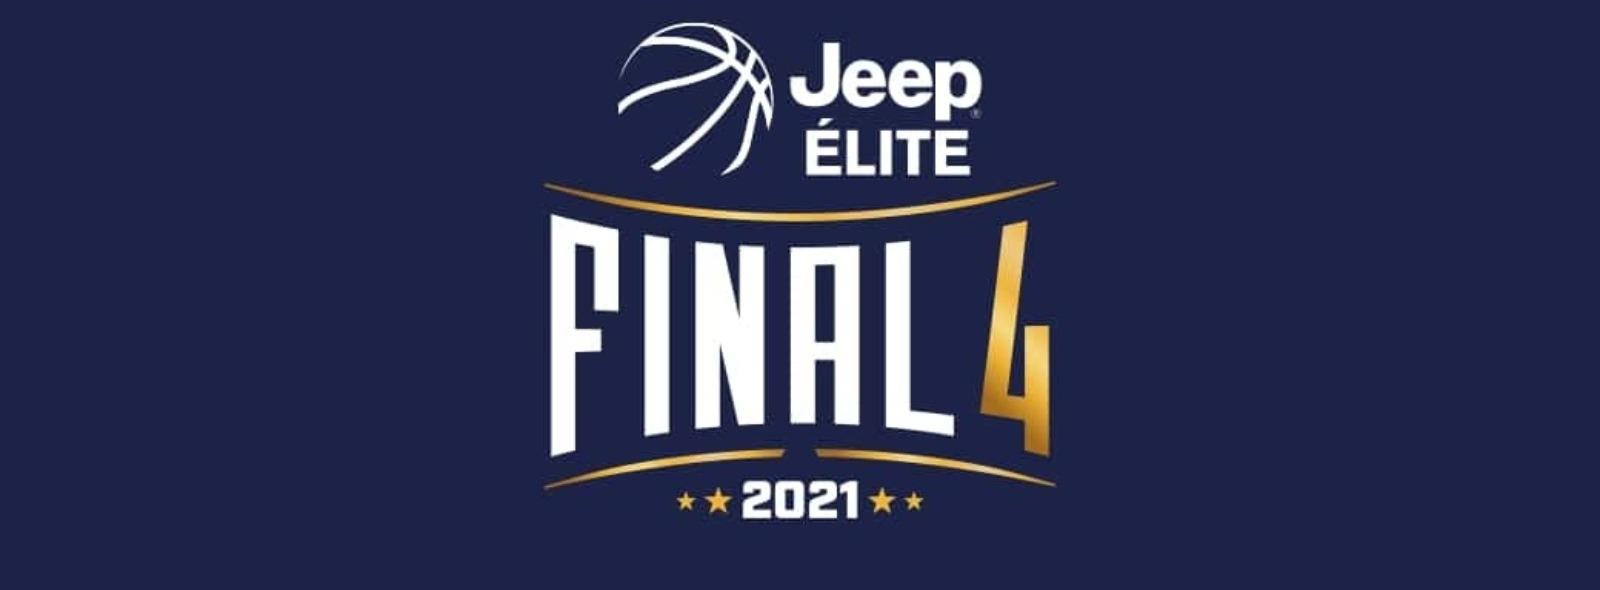 Jeep® Elite saison 2020-2021 : phase finale officialisée